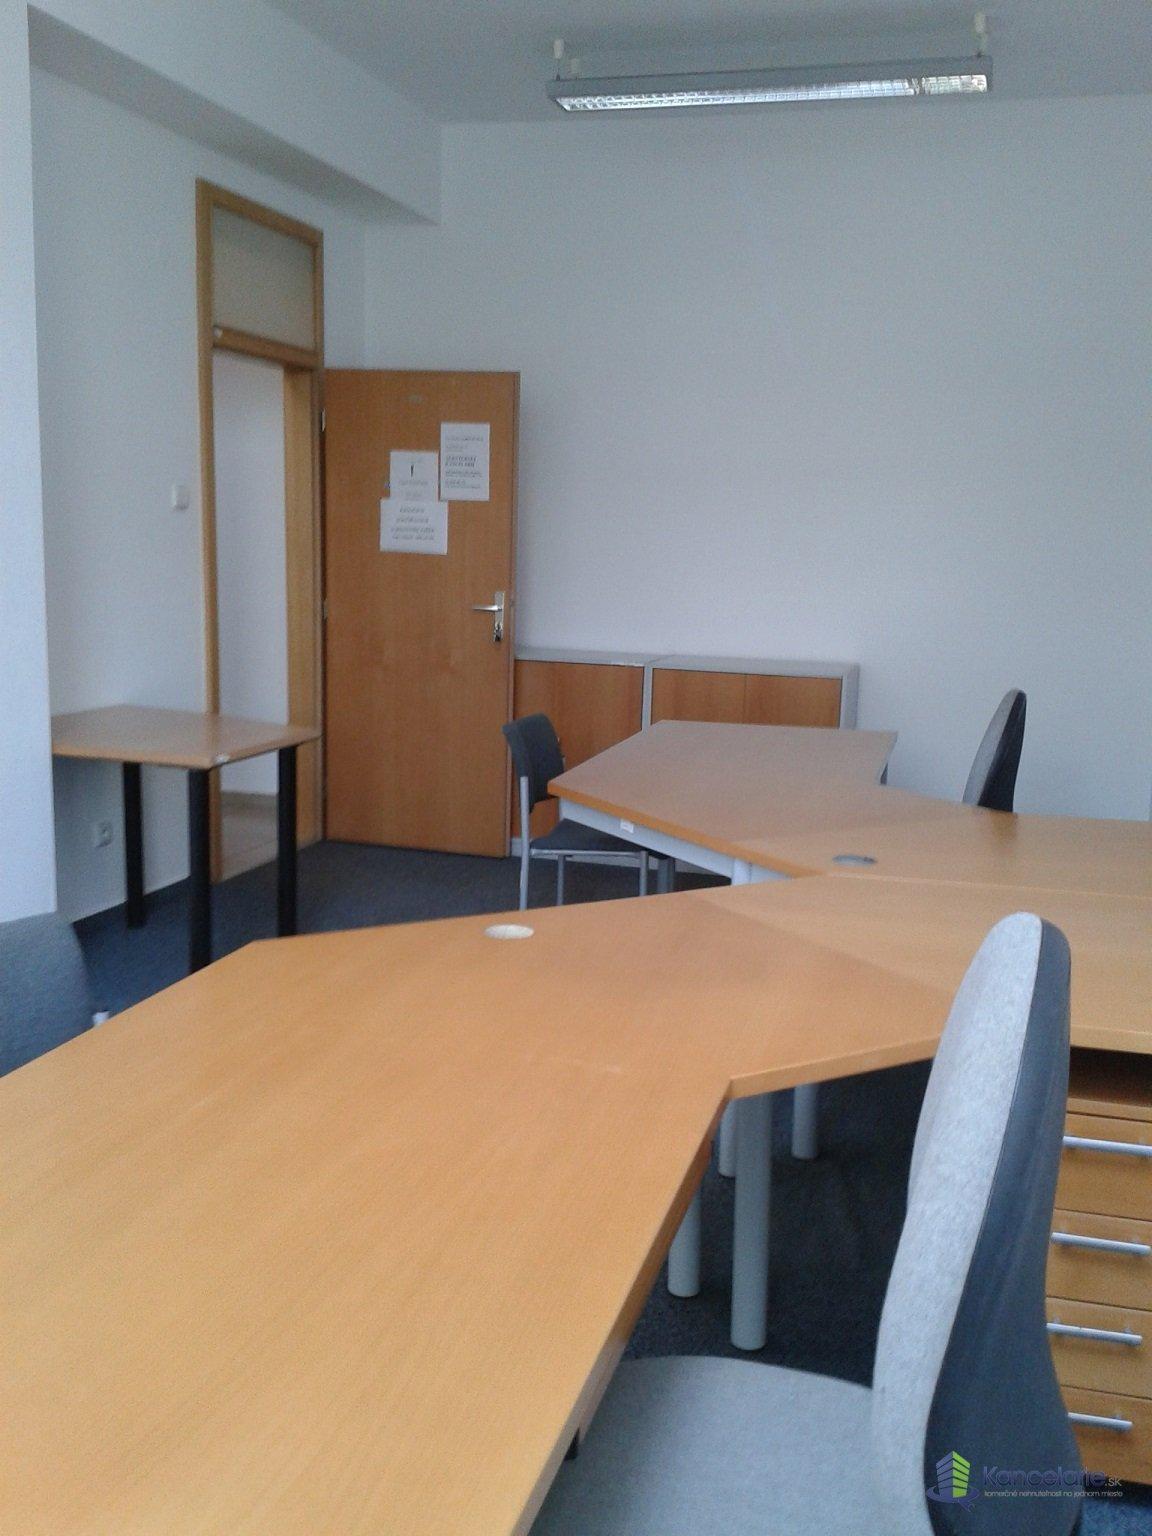 Allianz - Slovenská poisťovňa, a.s., kancelária č. 214, Teplická 28, Piešťany